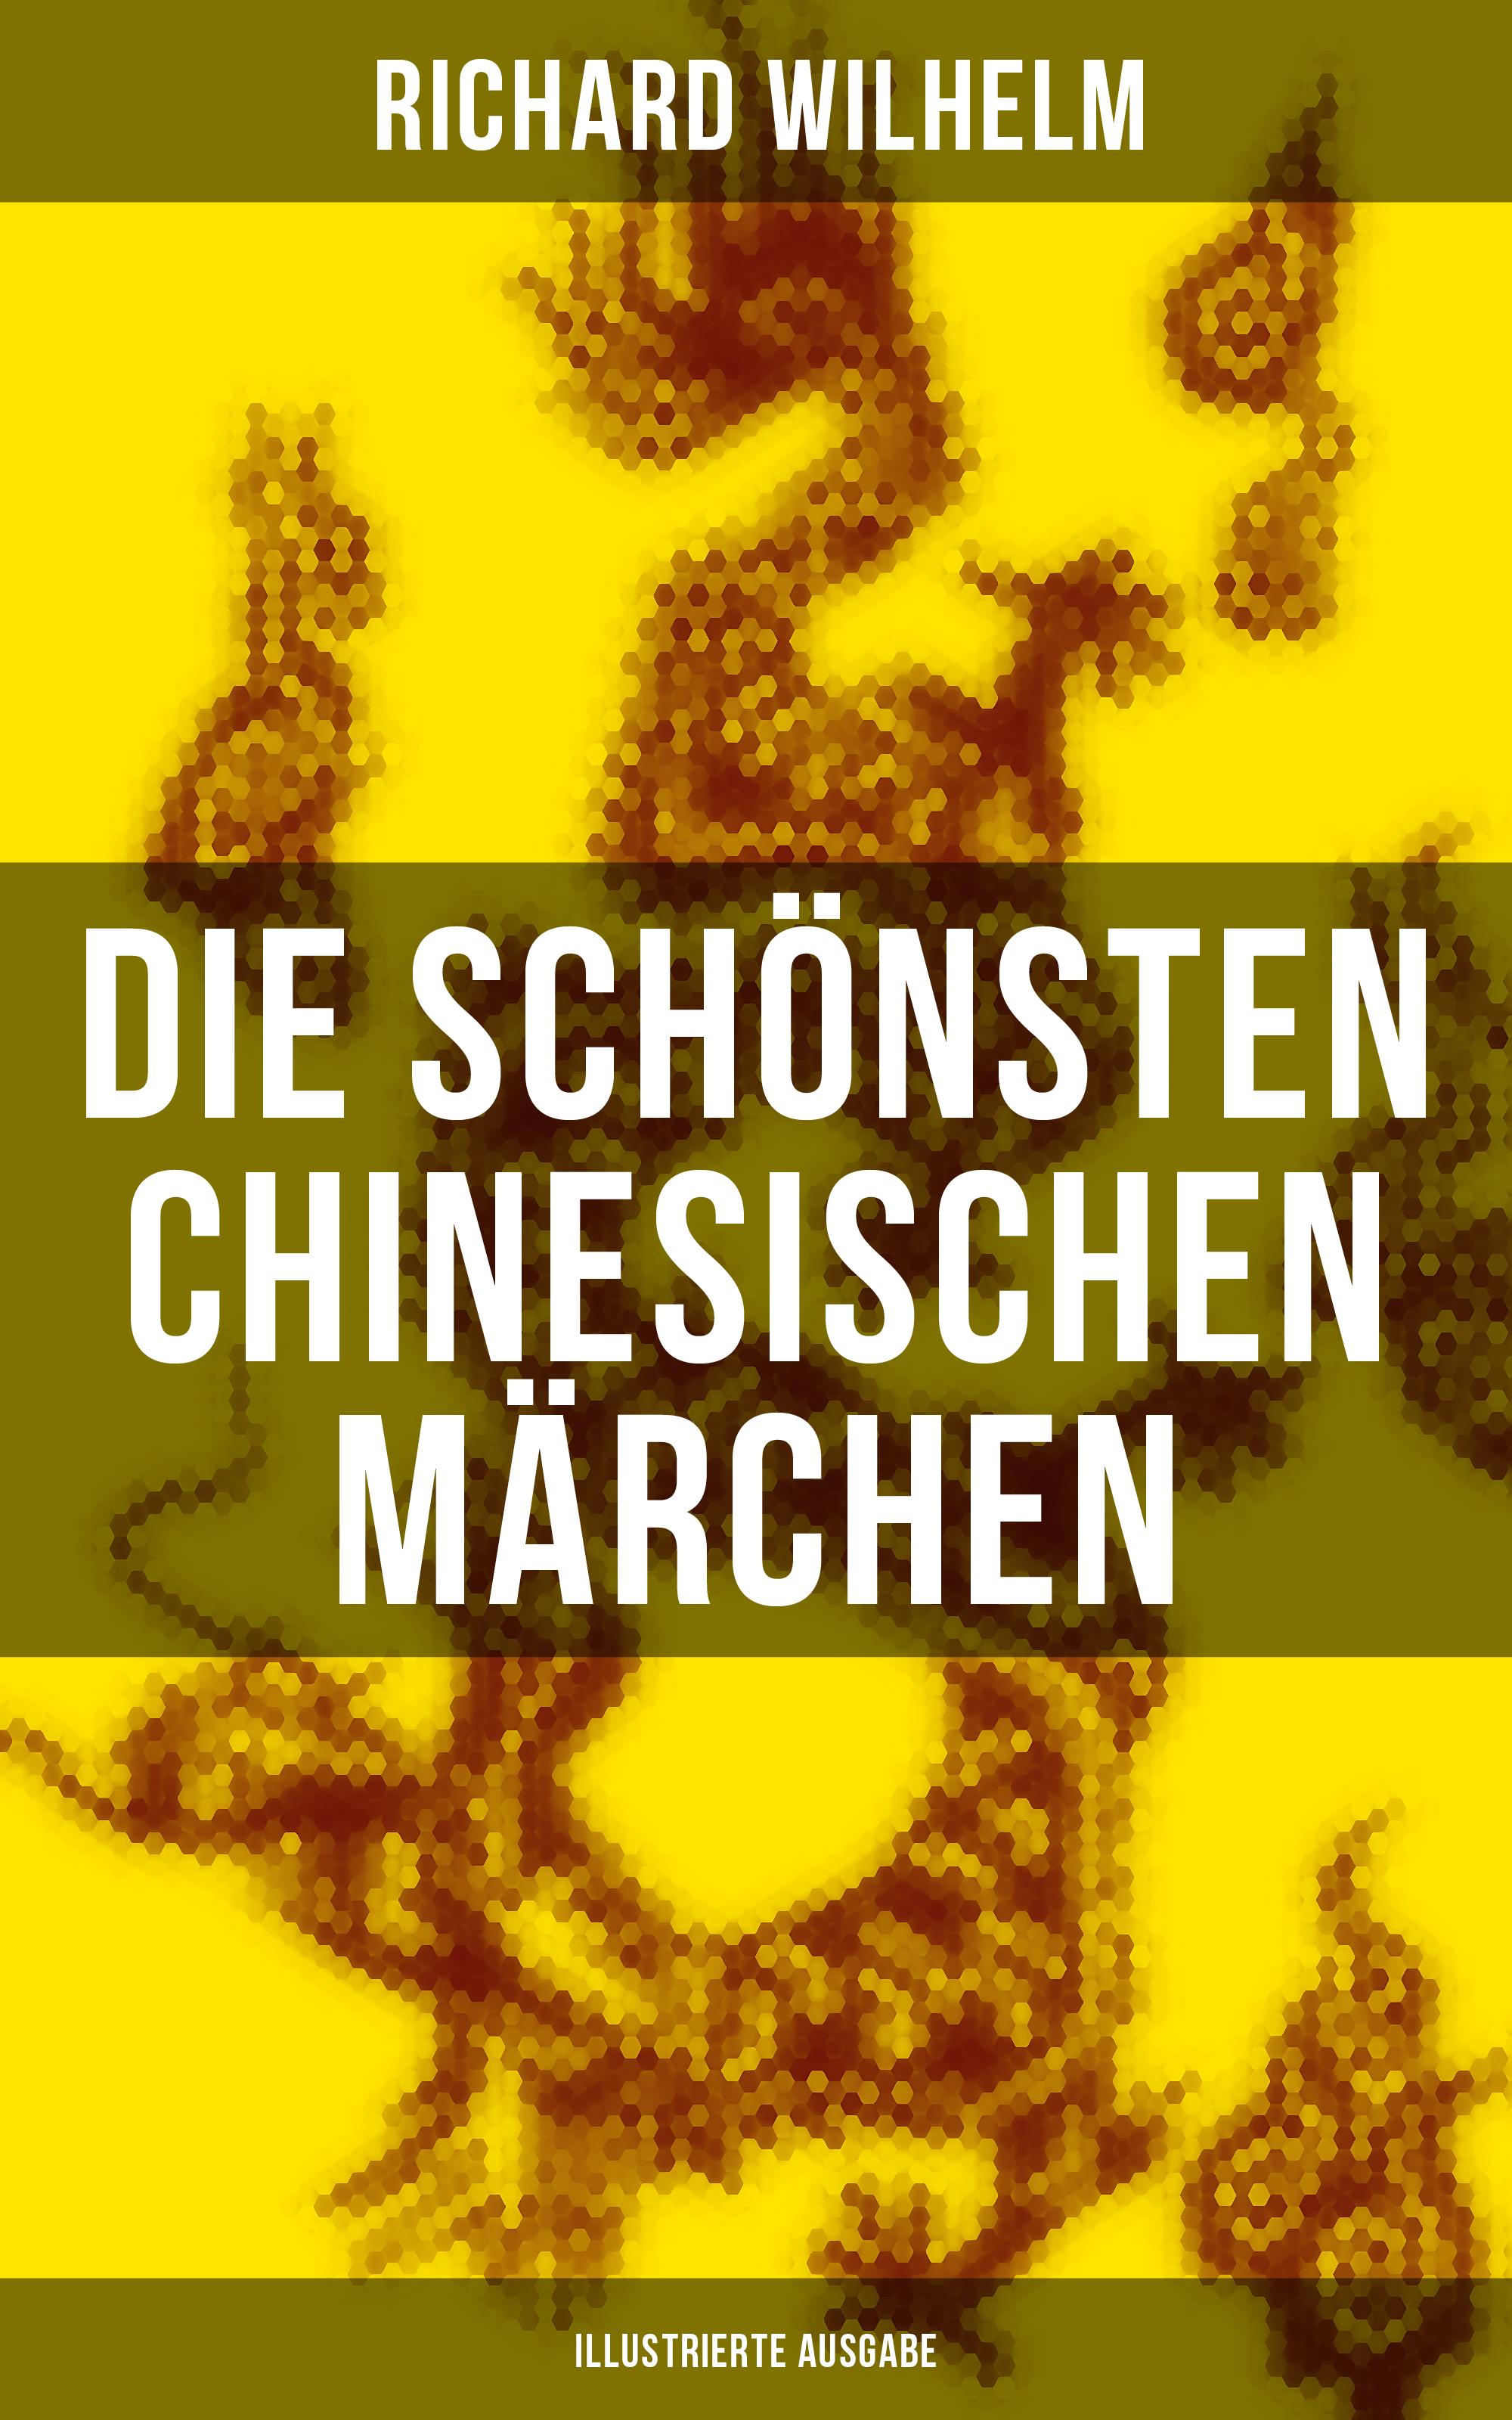 Richard Wilhelm Die schönsten chinesischen Märchen (Illustrierte Ausgabe) fruhlings wimmelbuch midi ausgabe